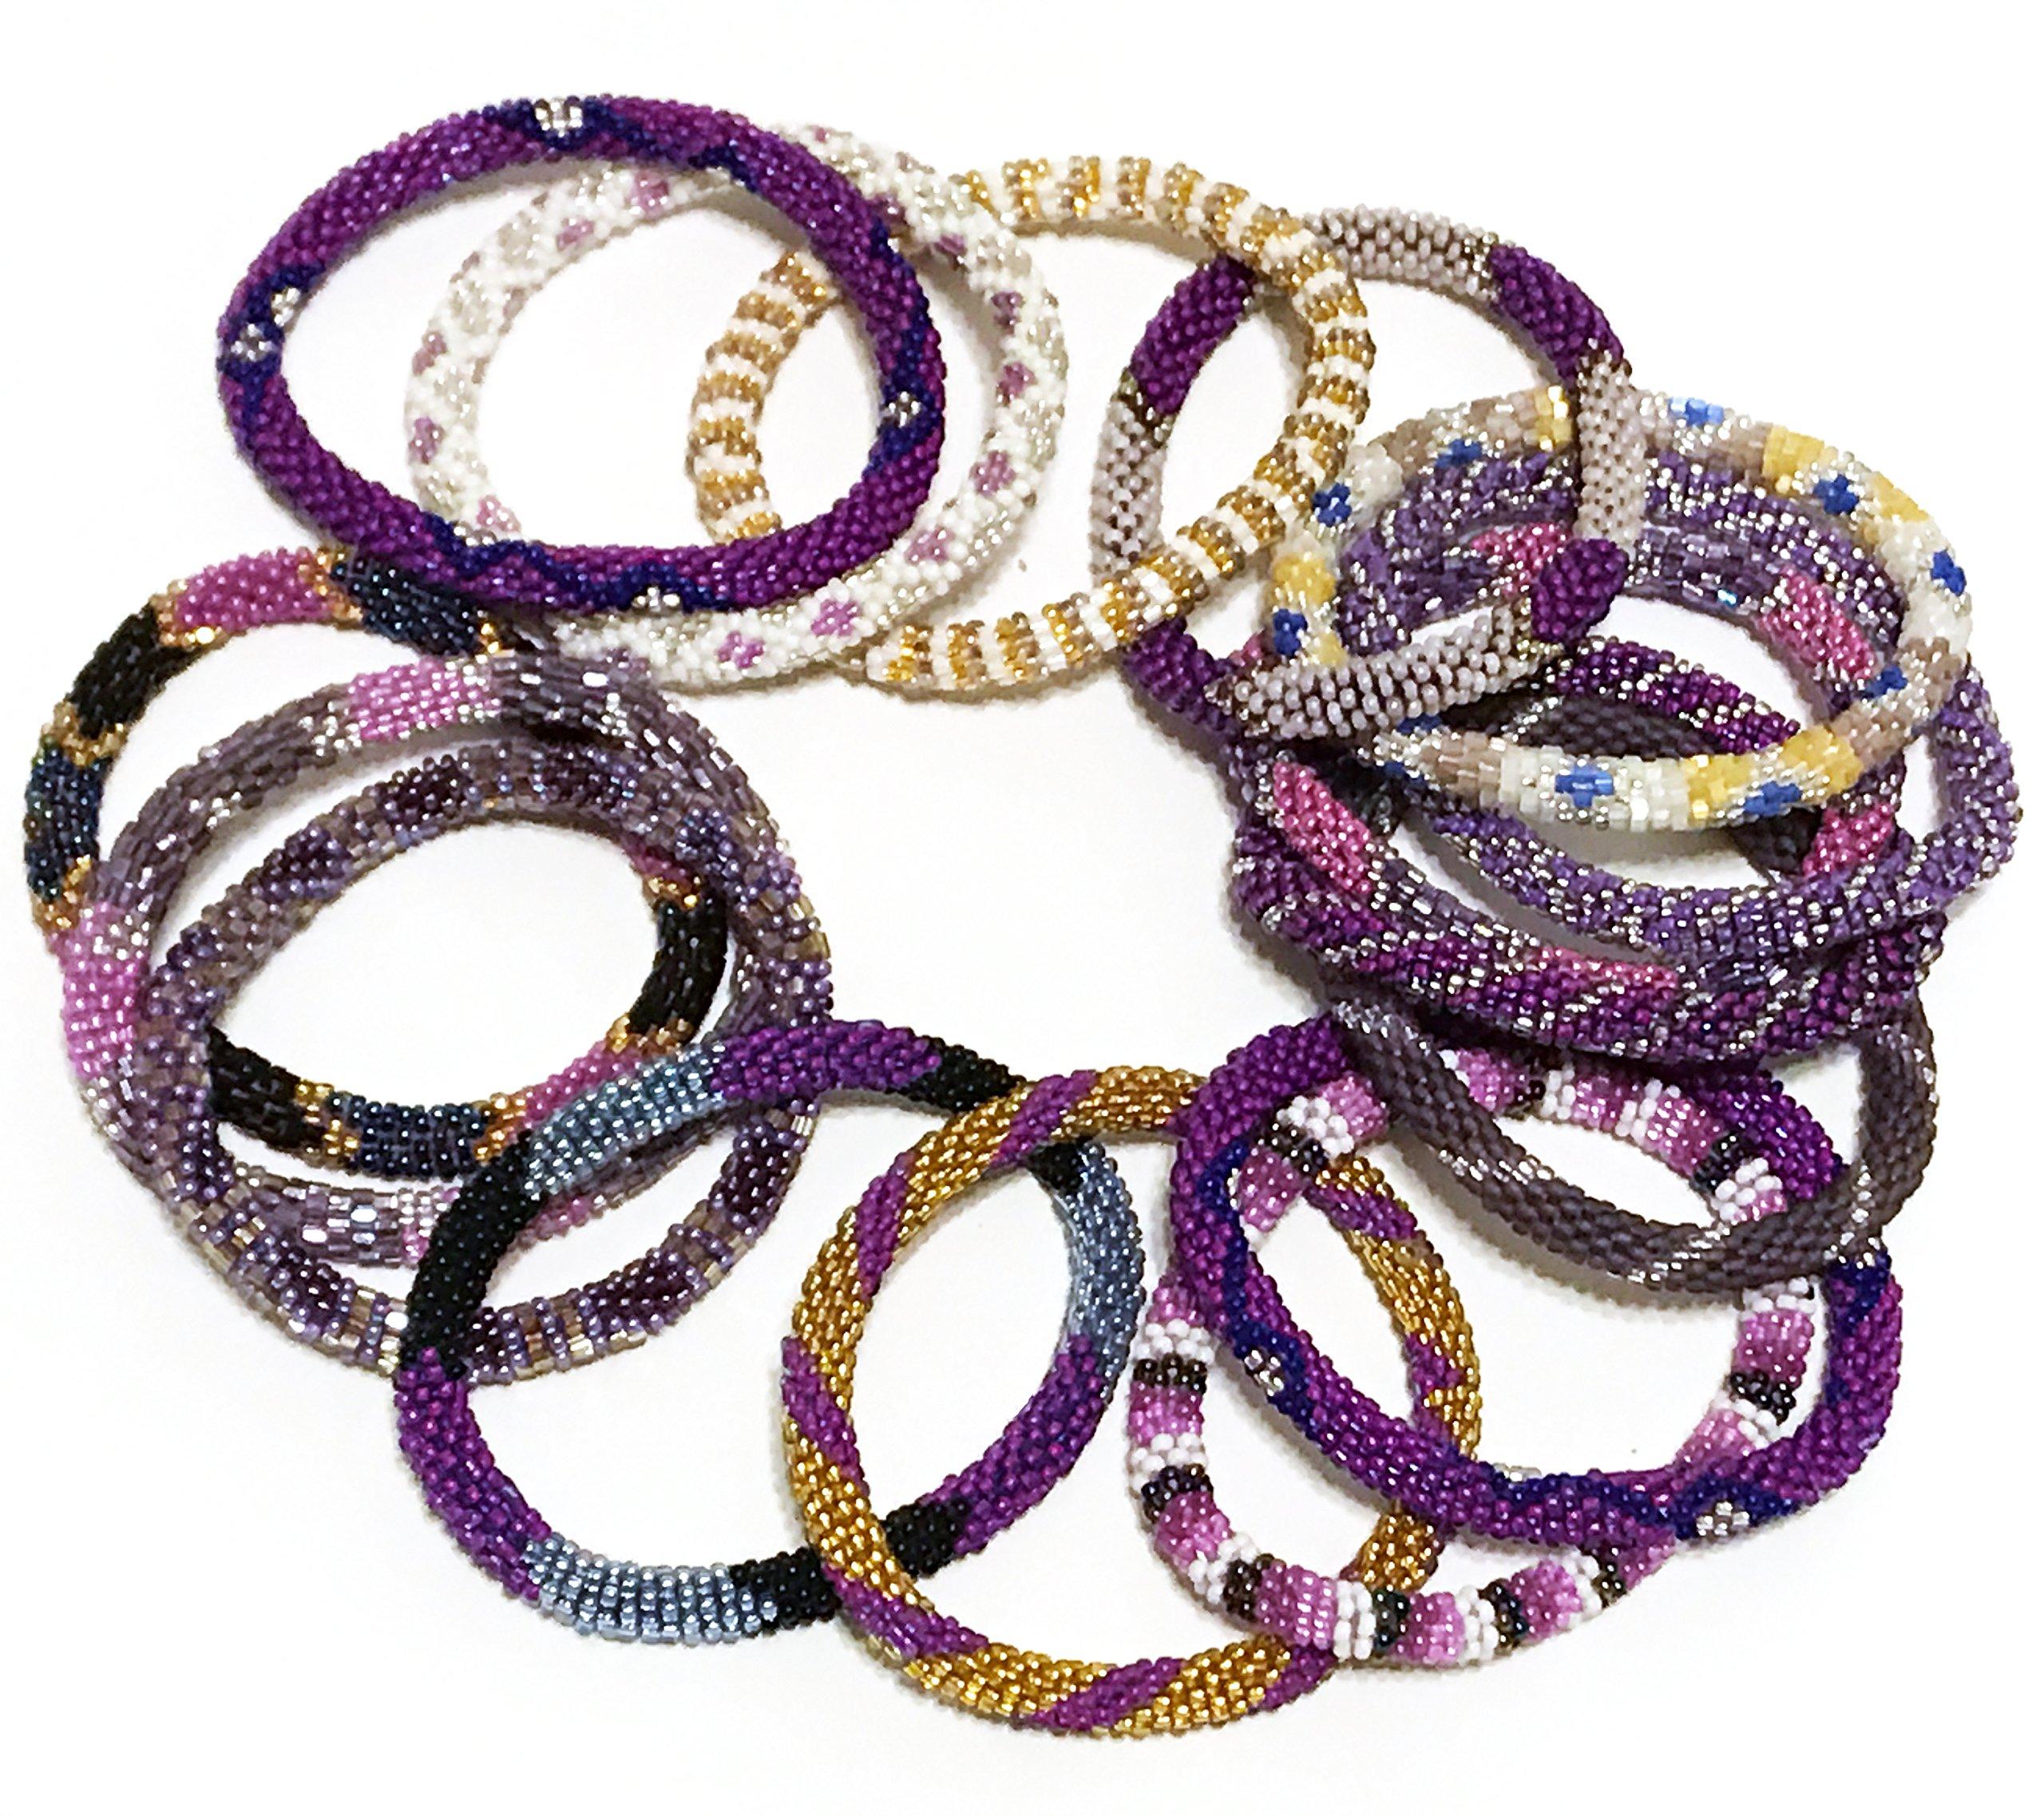 WigsPedia Handmade Crochet Glass Seed Bead Nepal Roll on Boho Bracelet - Wholesale Purple Scheme (6 Pieces Nepal Bracelets)